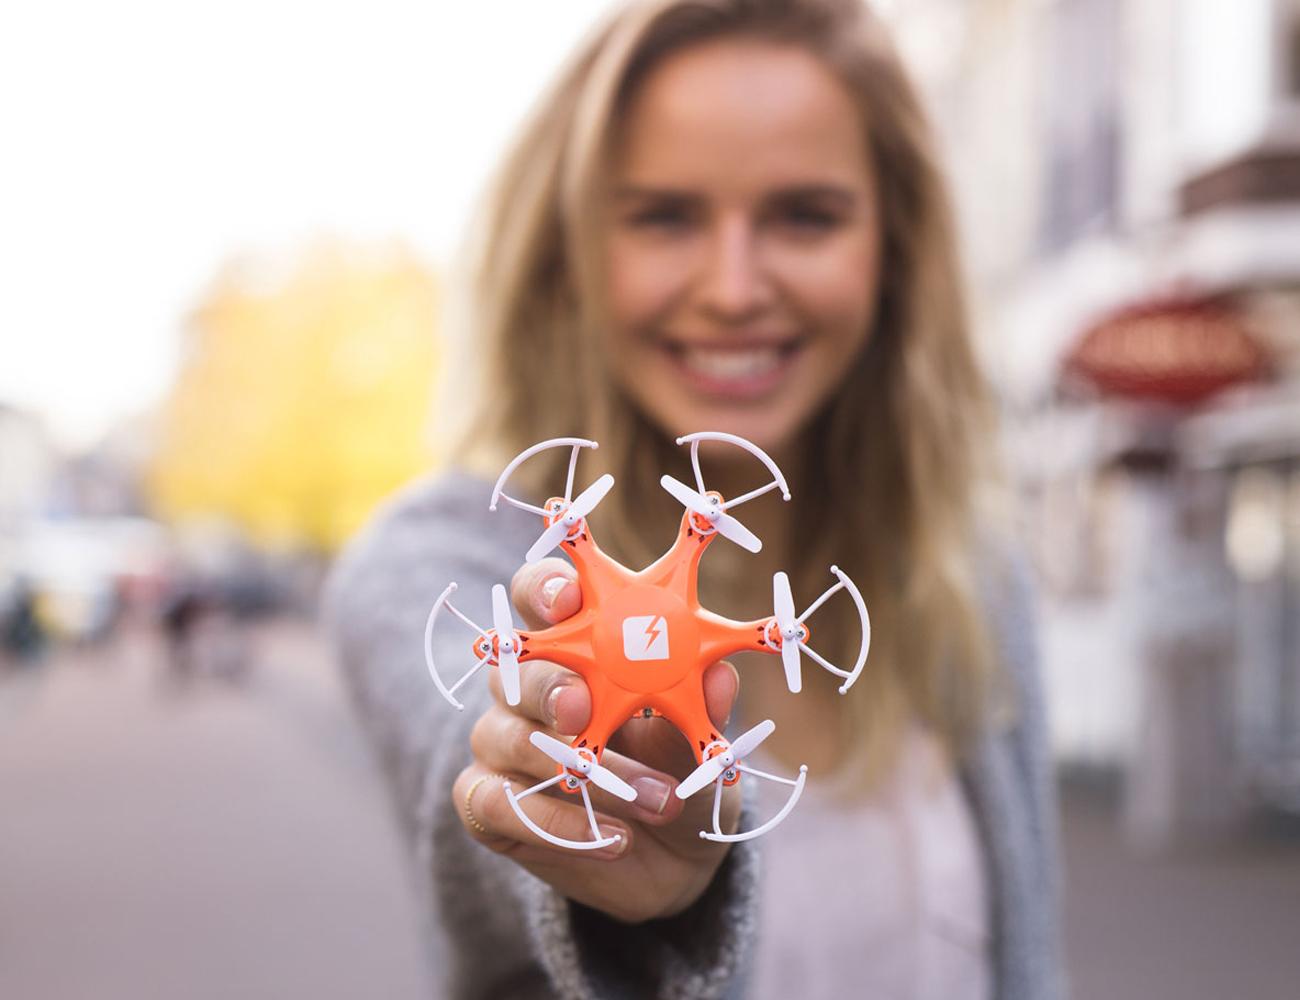 SKEYE+Hexa+Drone+By+TRNDlabs